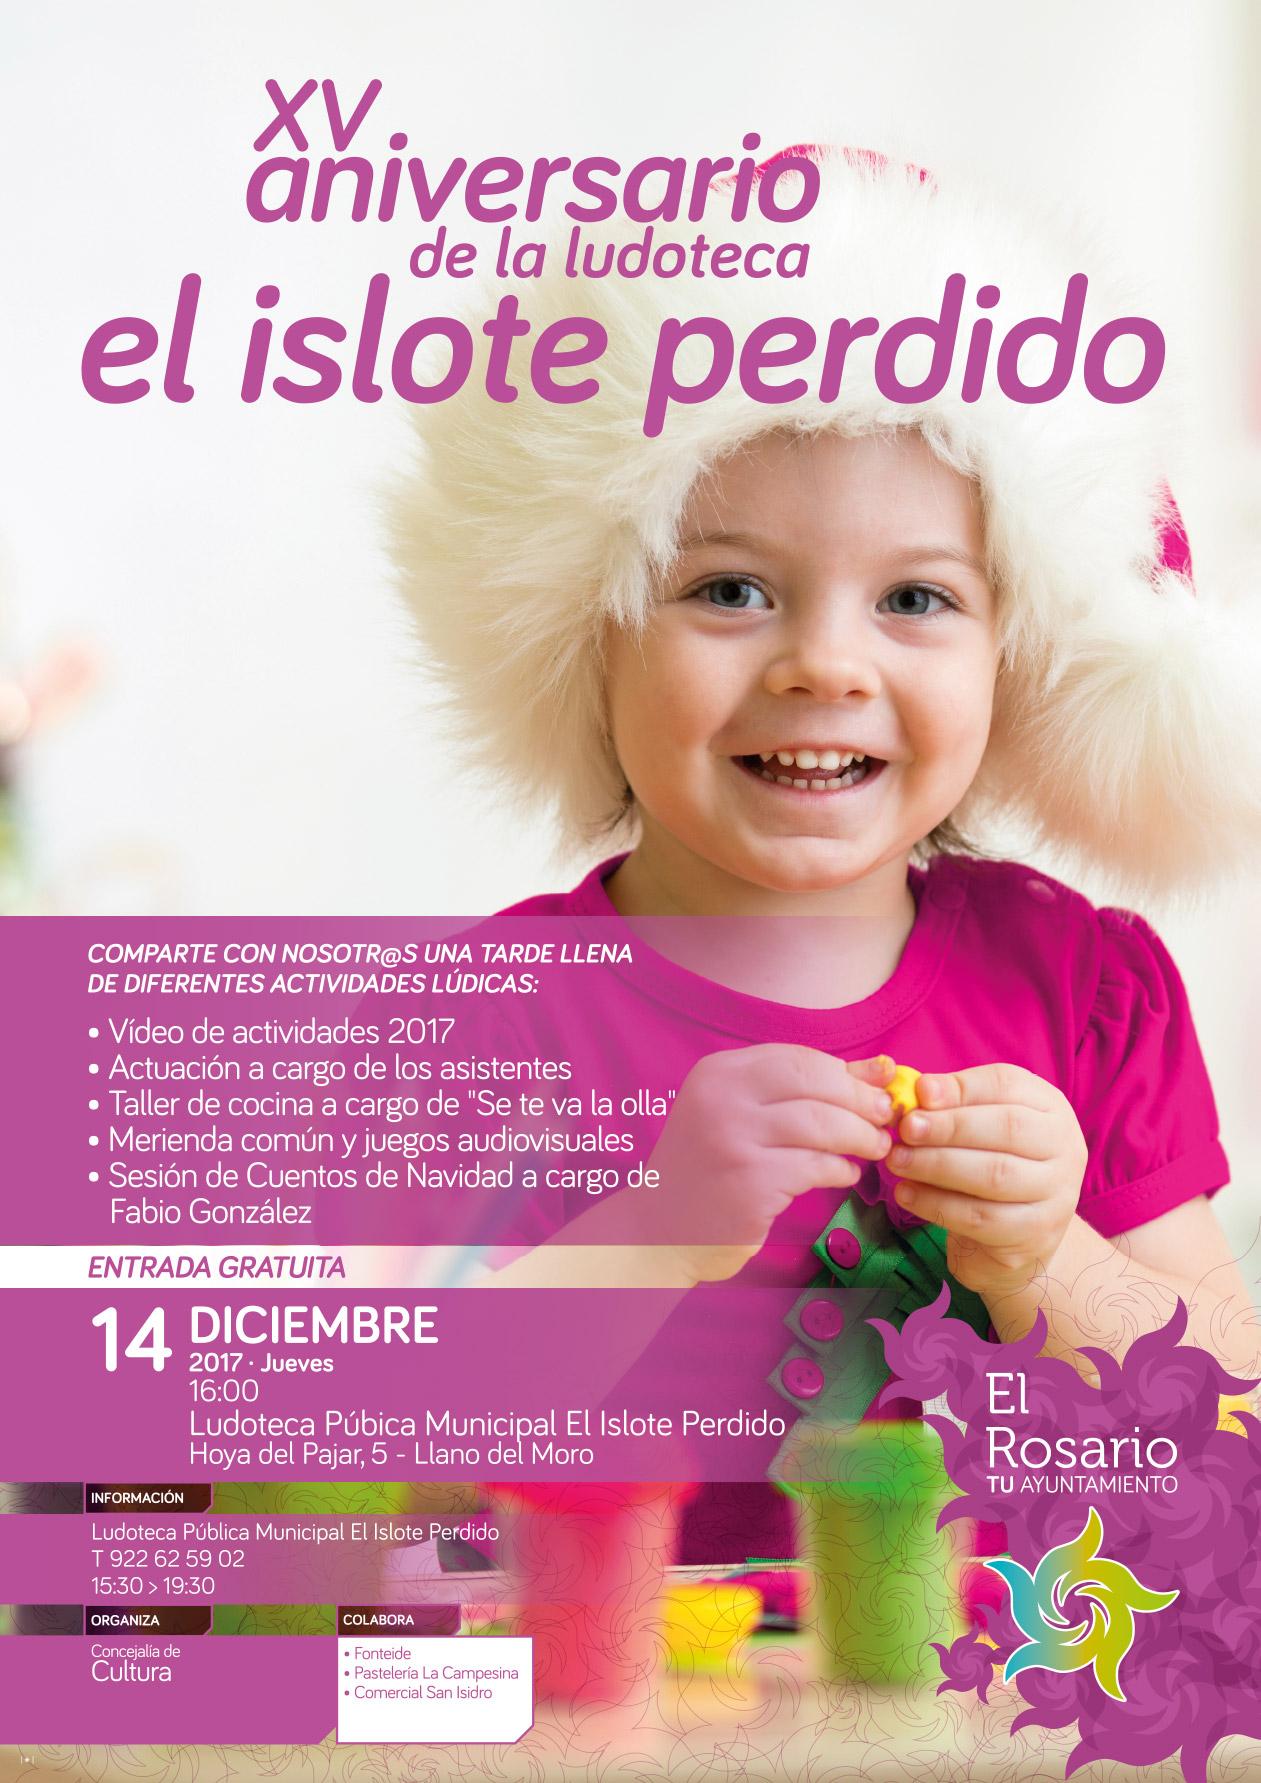 ludoteca-15-aniversario-20171214-cartel_A3-01af-redes